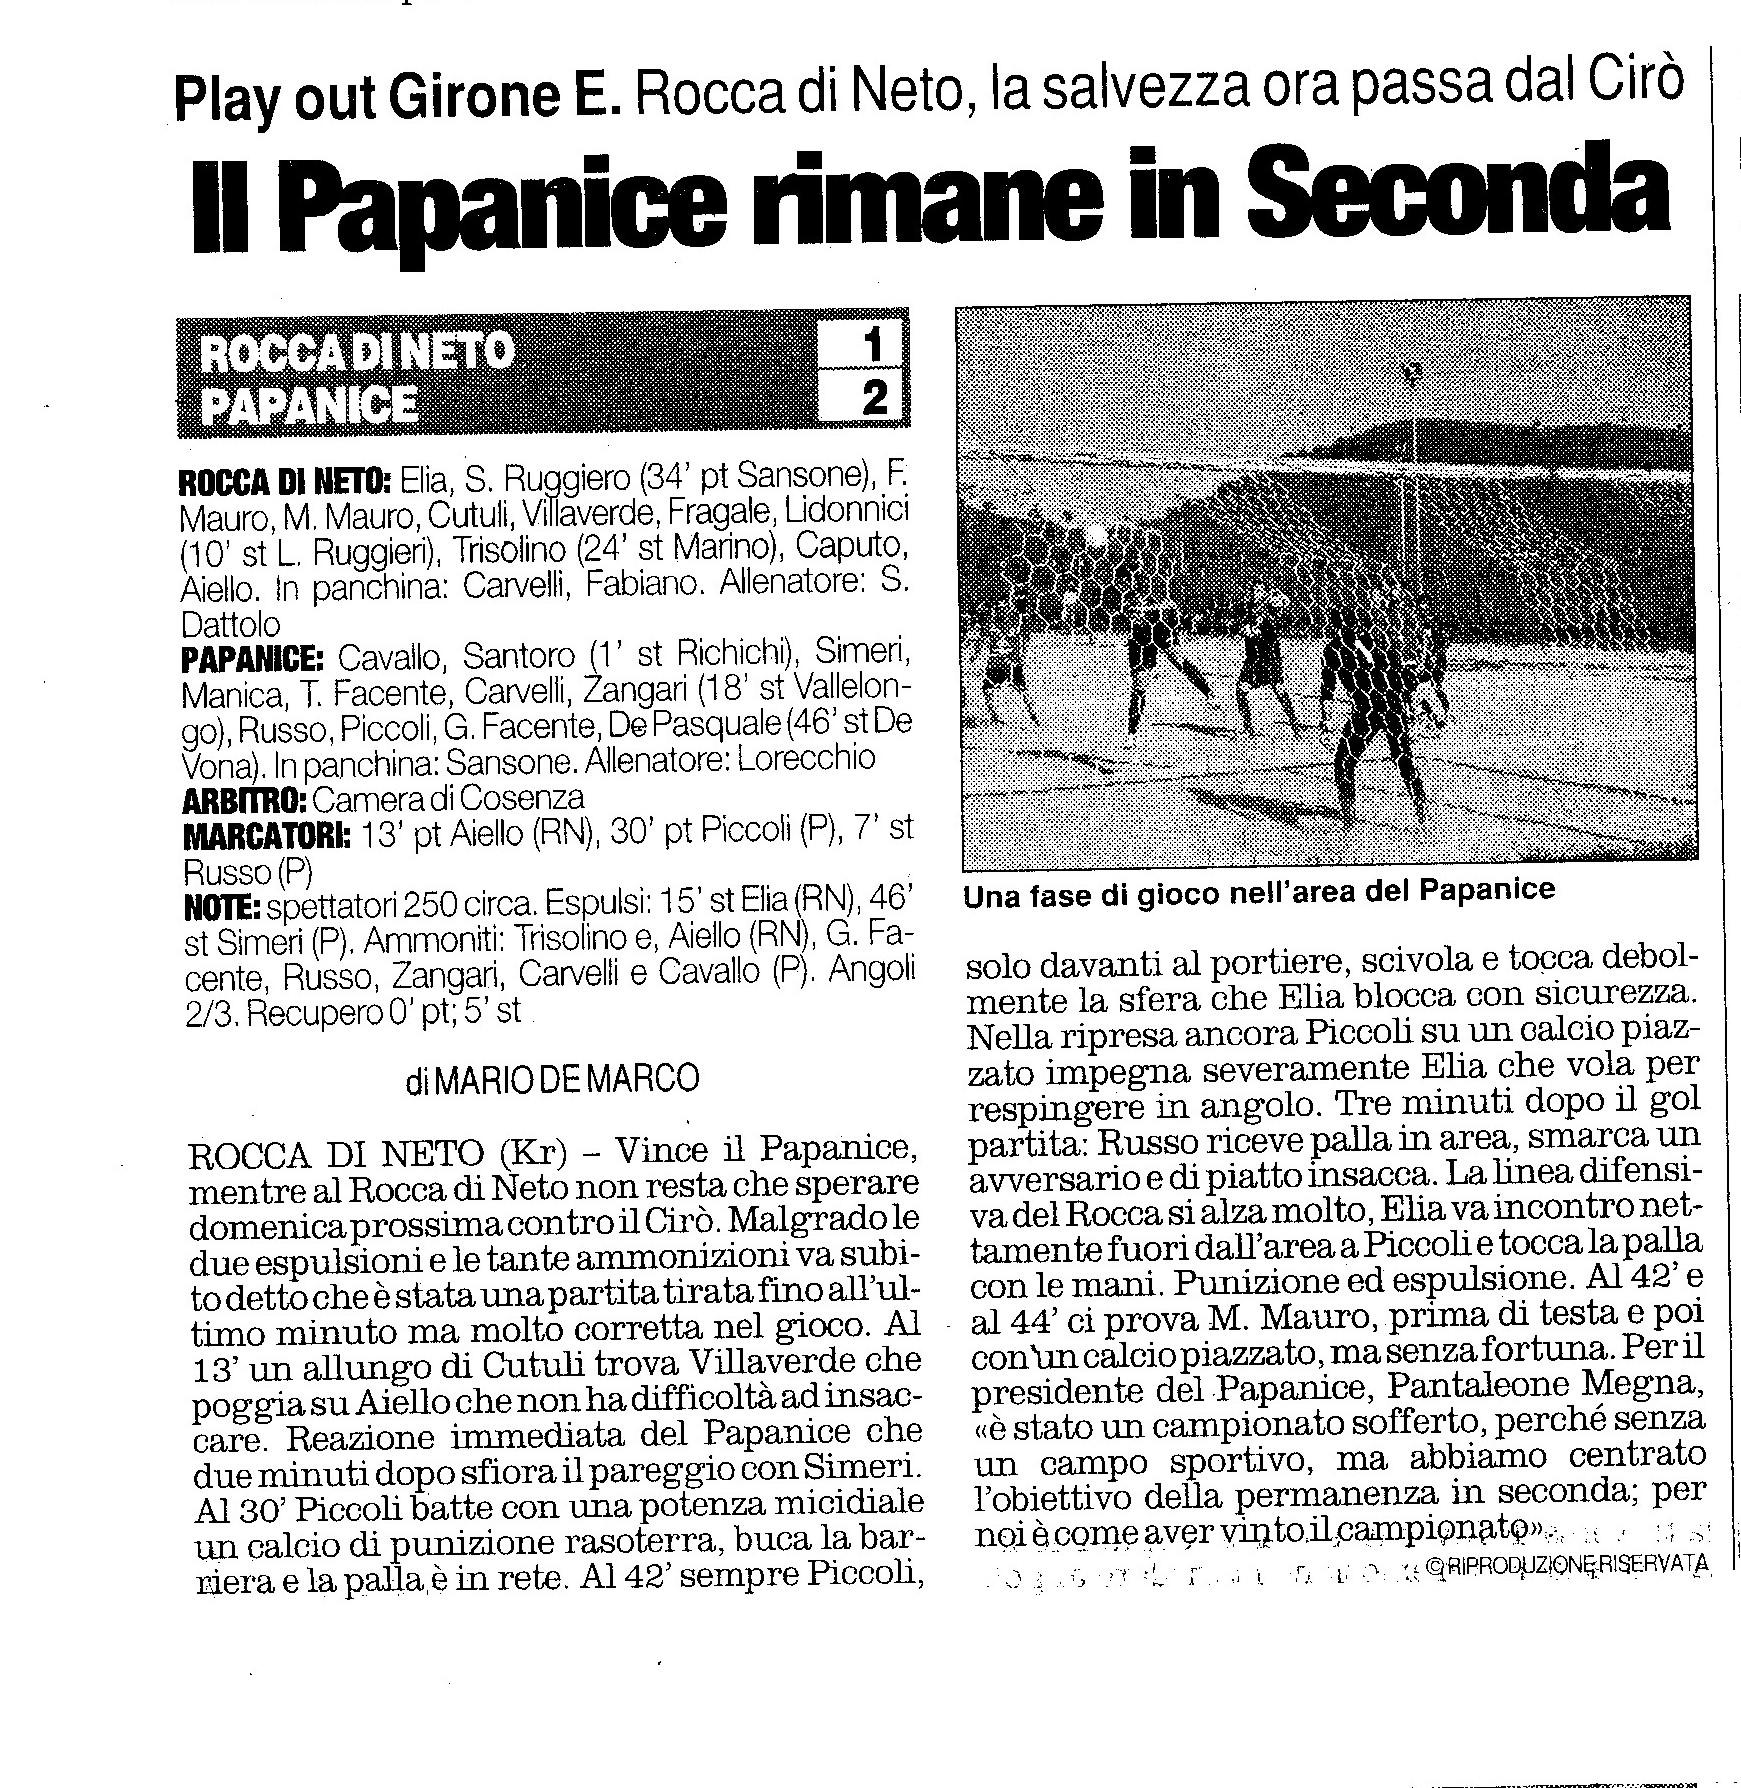 ROCCA DI NETO - PAPANICE  QUOTIDIANO DEL 13 MAGGIO 2013